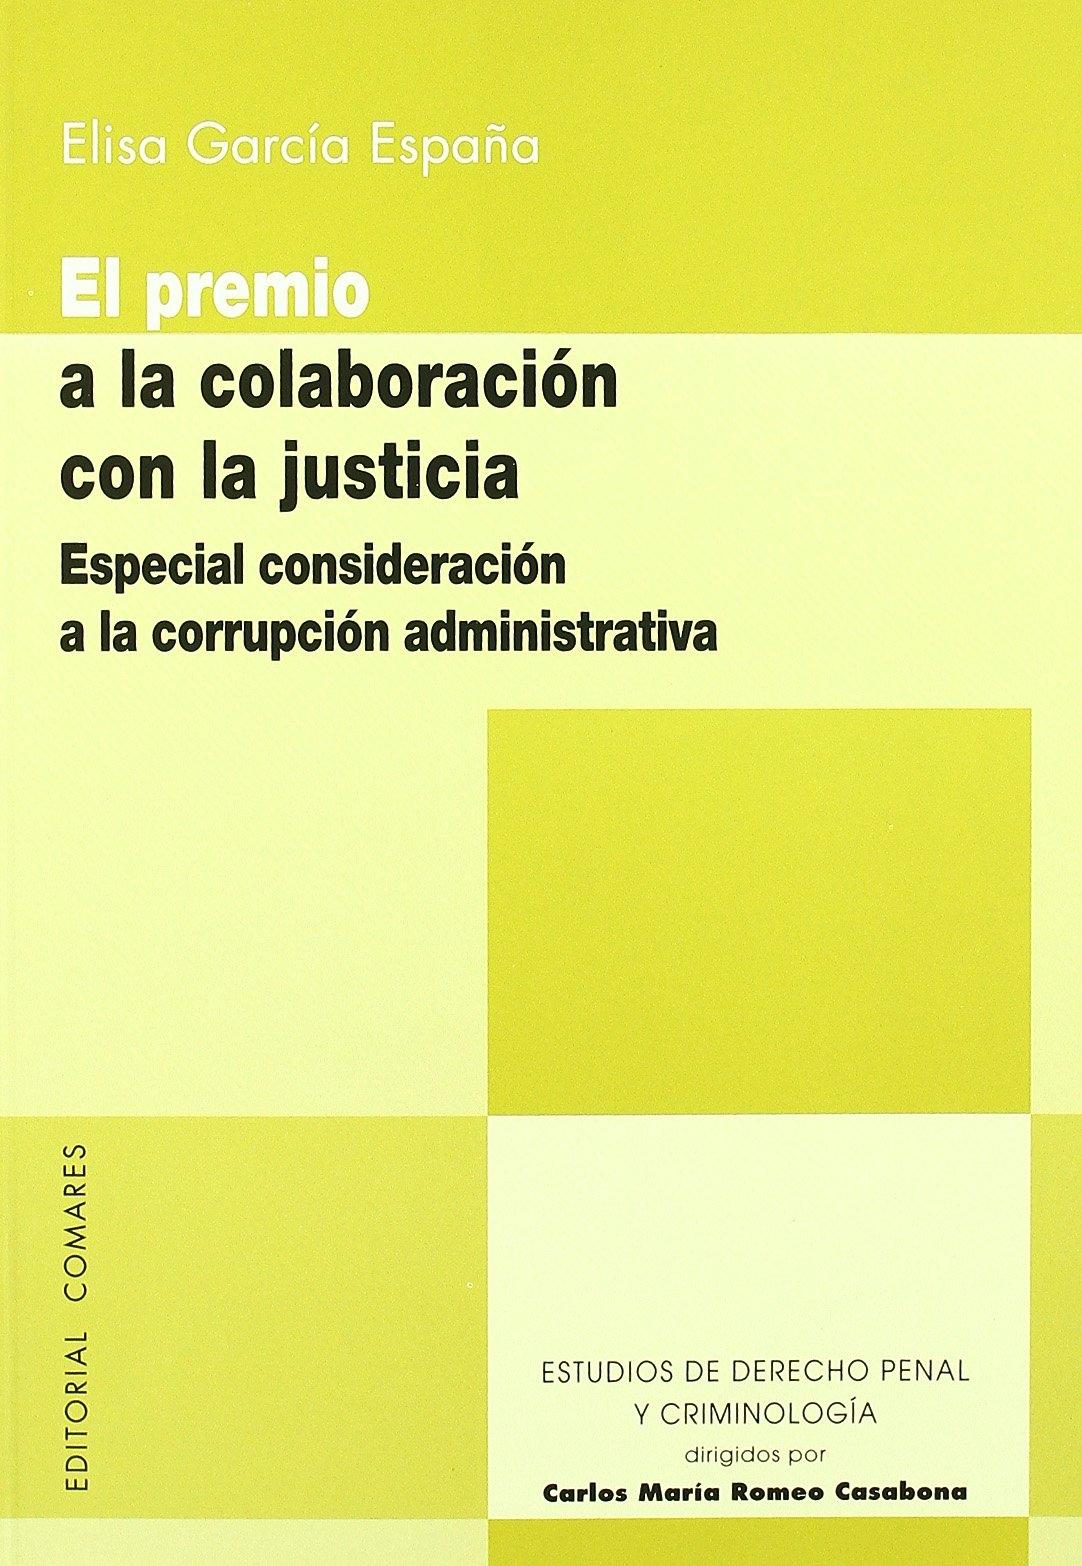 El premio a la colaboracion con lajusticia